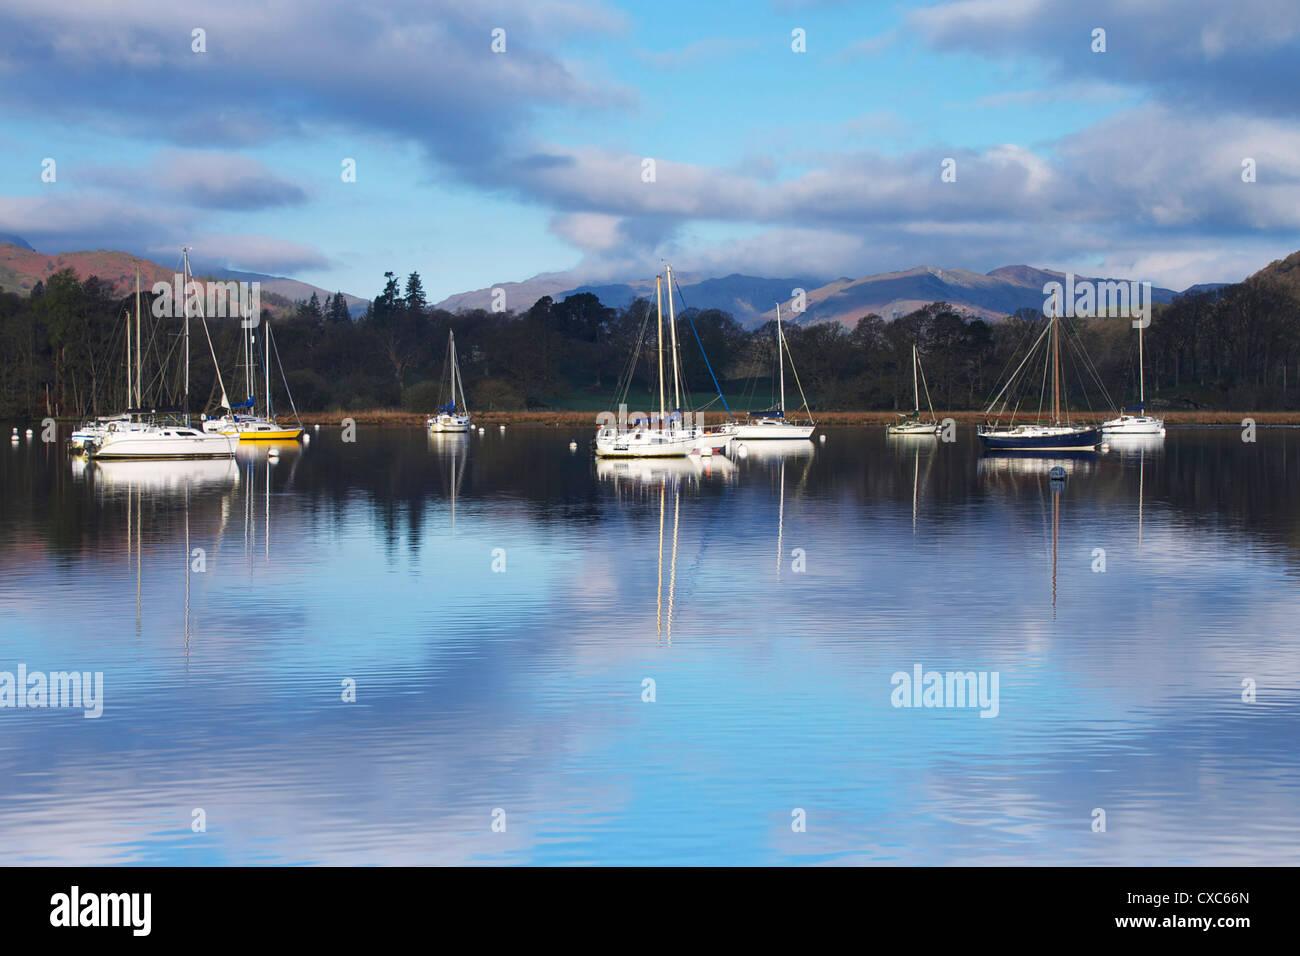 Sunrise, Ambleside, Lake Windermere, Lake District National Park, Cumbria, England, United Kingdom, Europe - Stock Image